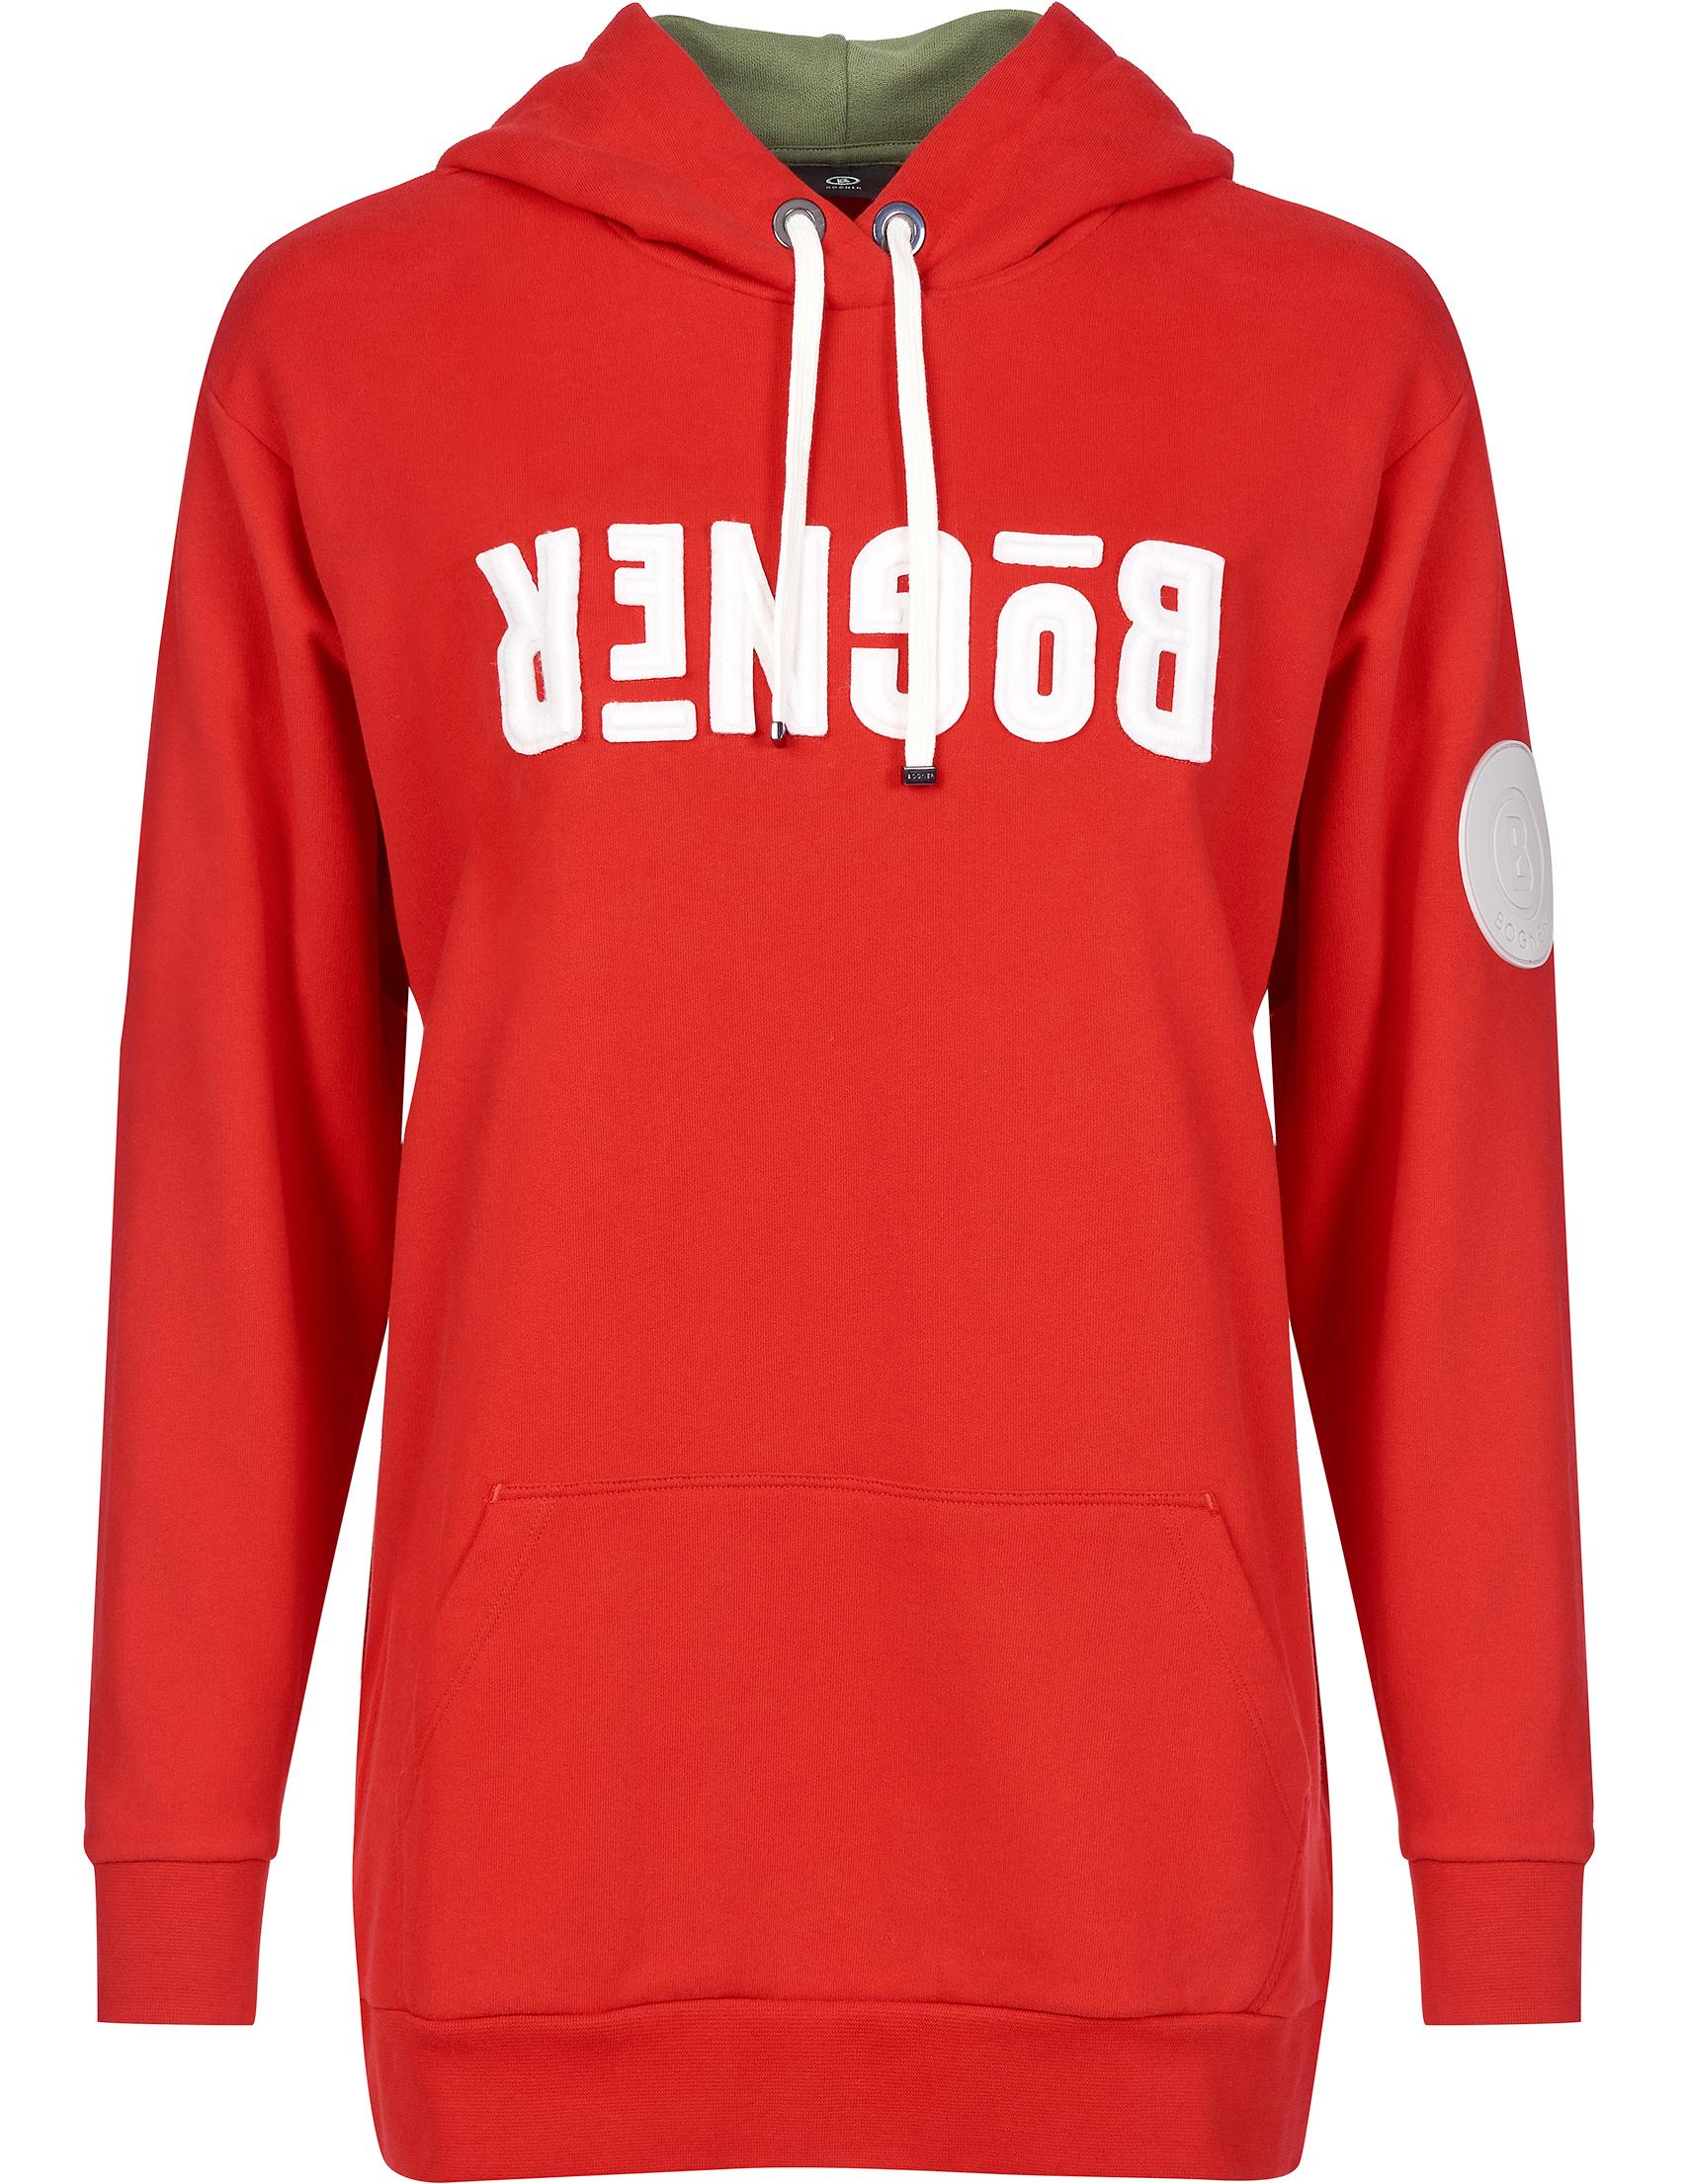 Купить Спортивные кофты, Спортивная кофта, BOGNER, Красный, 100%Хлопок, Осень-Зима